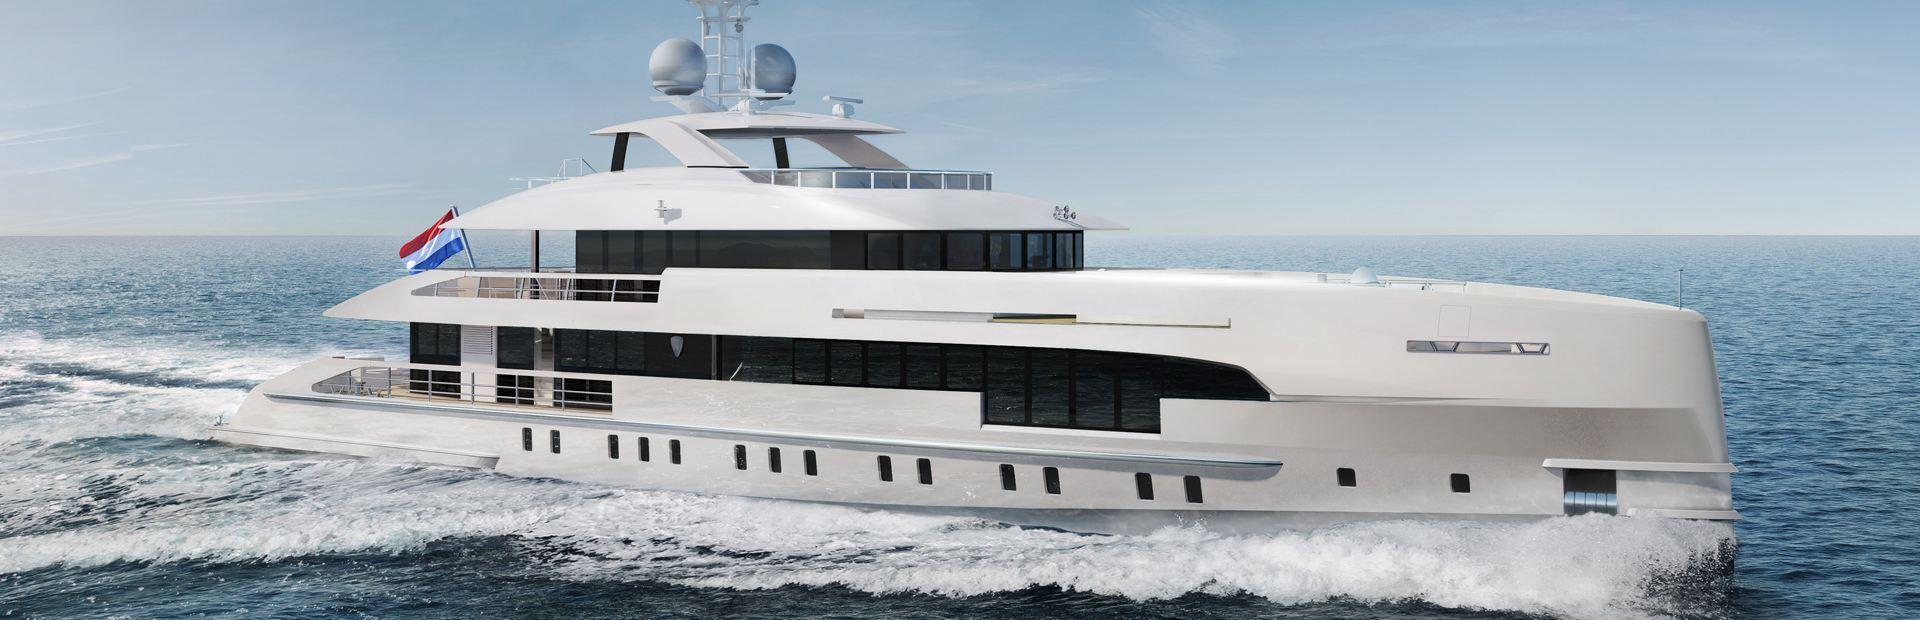 5000 Aluminium FDHF Yacht Charter